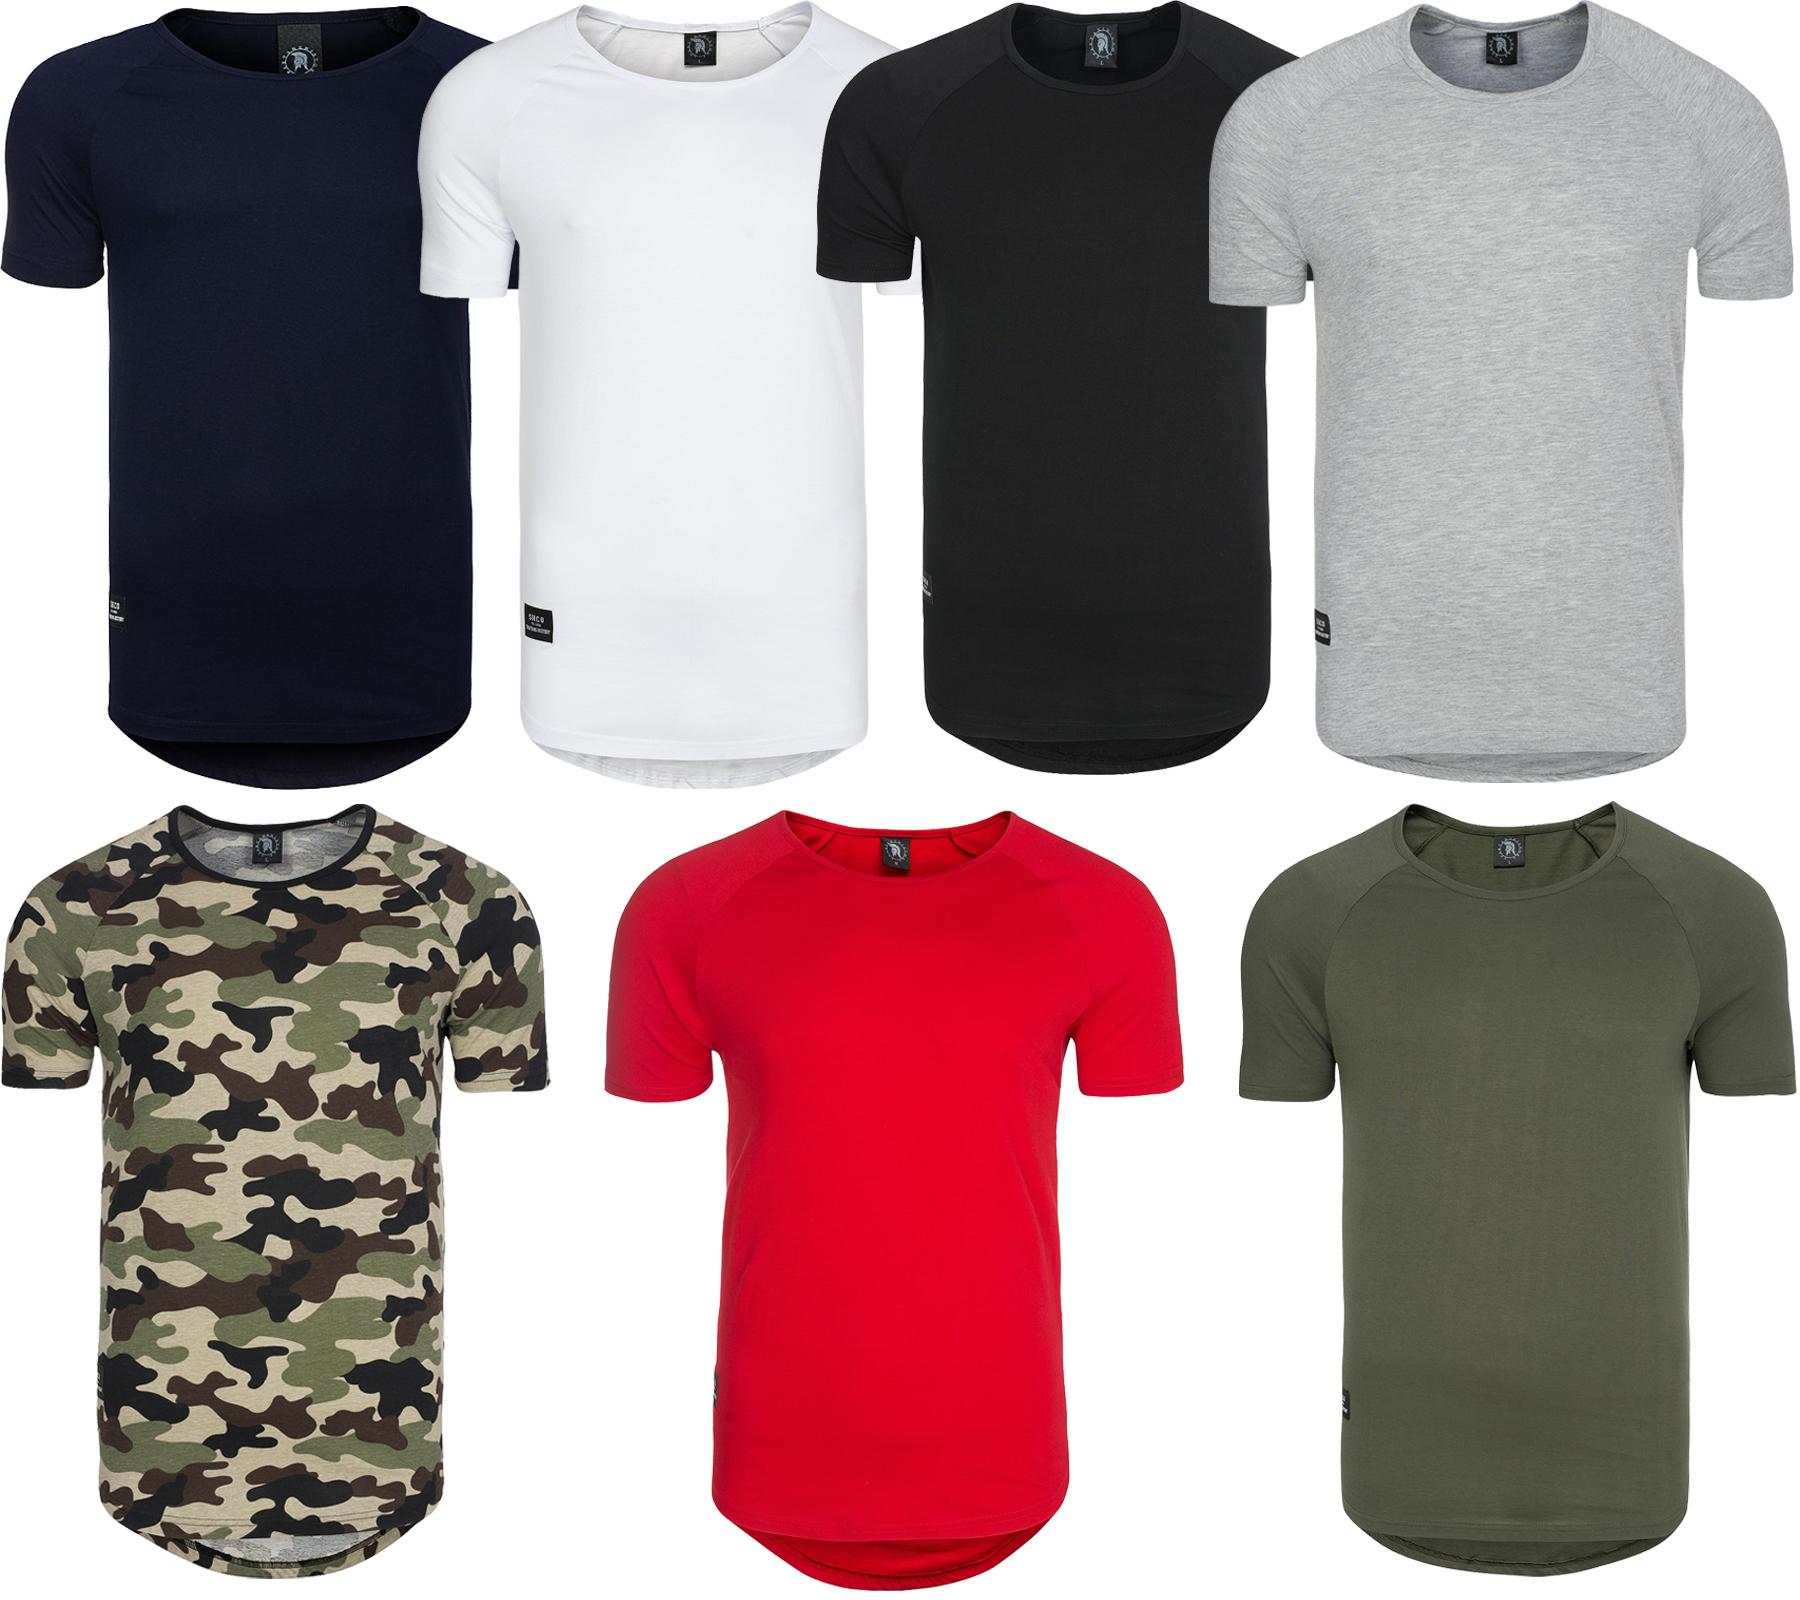 Spartans History Basic Oval T-Shirts in 7 Farben und Größen S, M, L, XL und XXL für je 4,99€ (Outlet46)